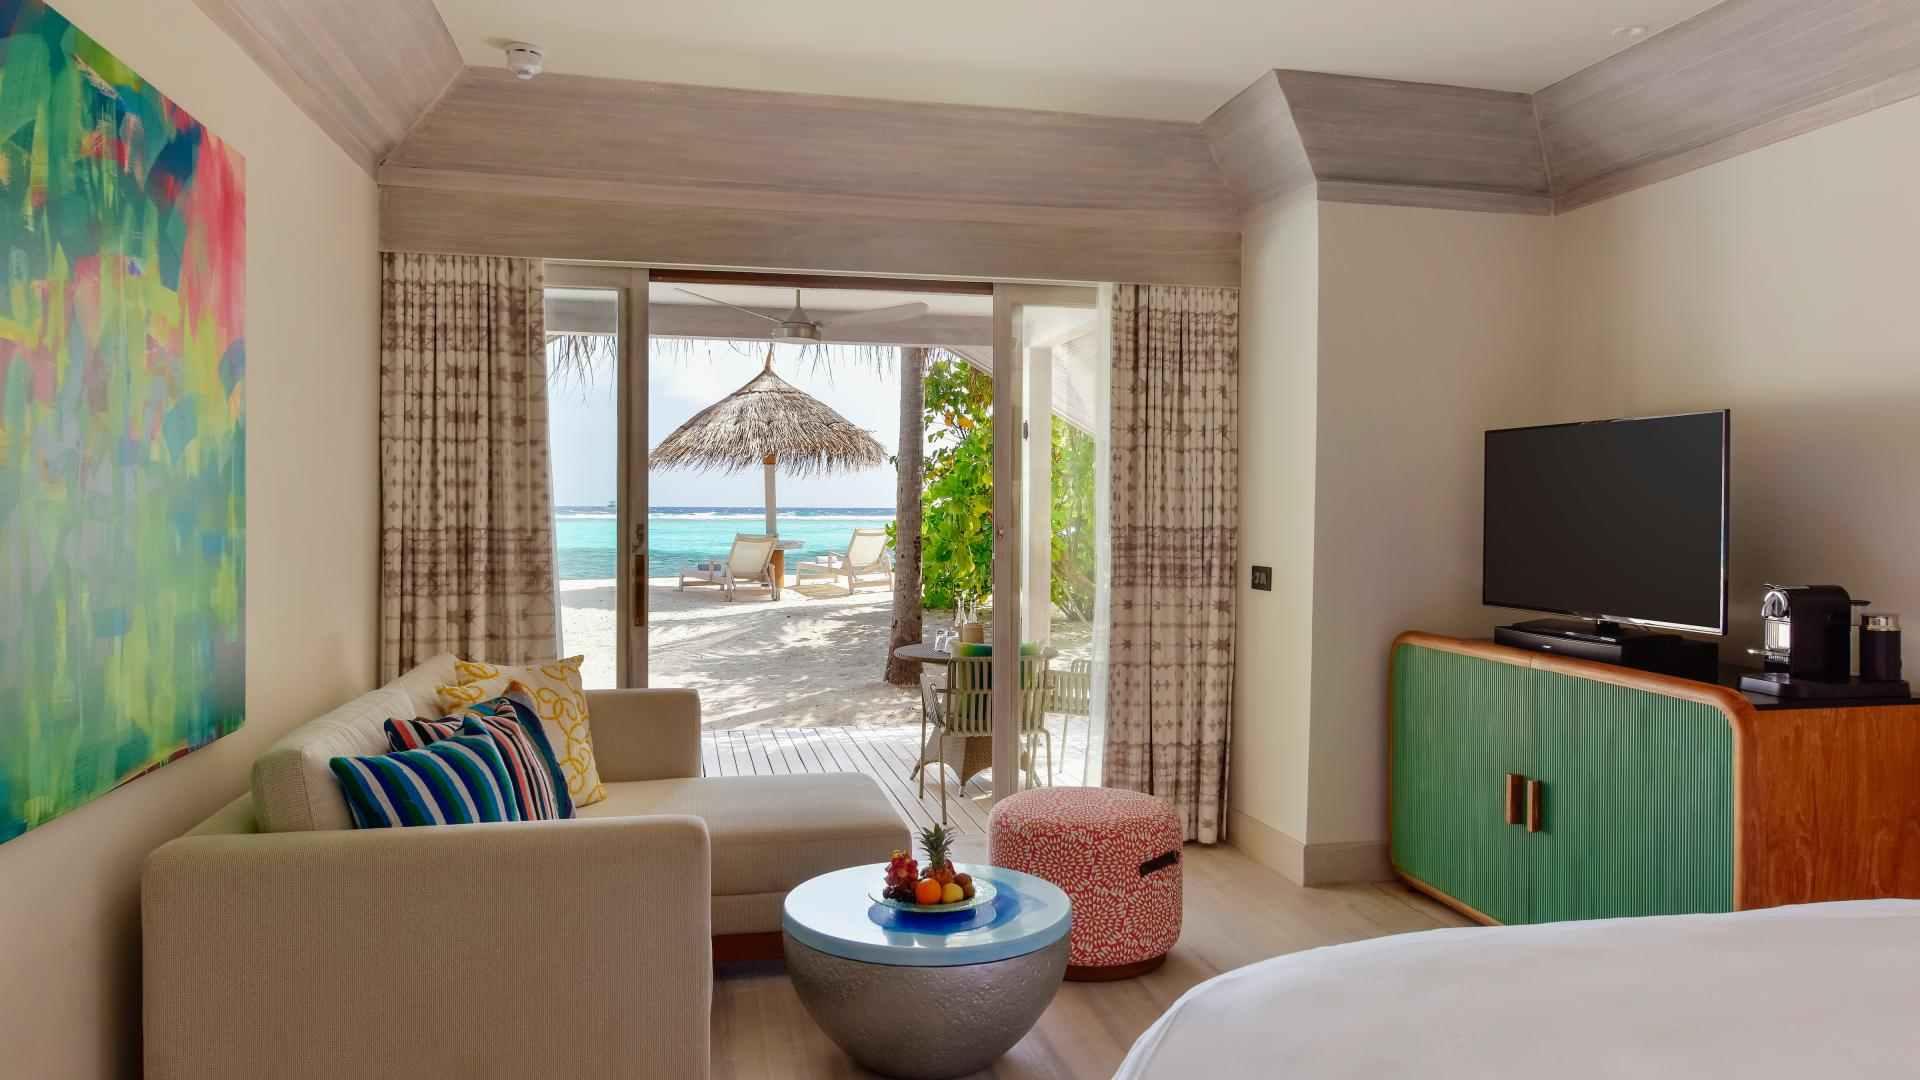 Grand Beach villa interior